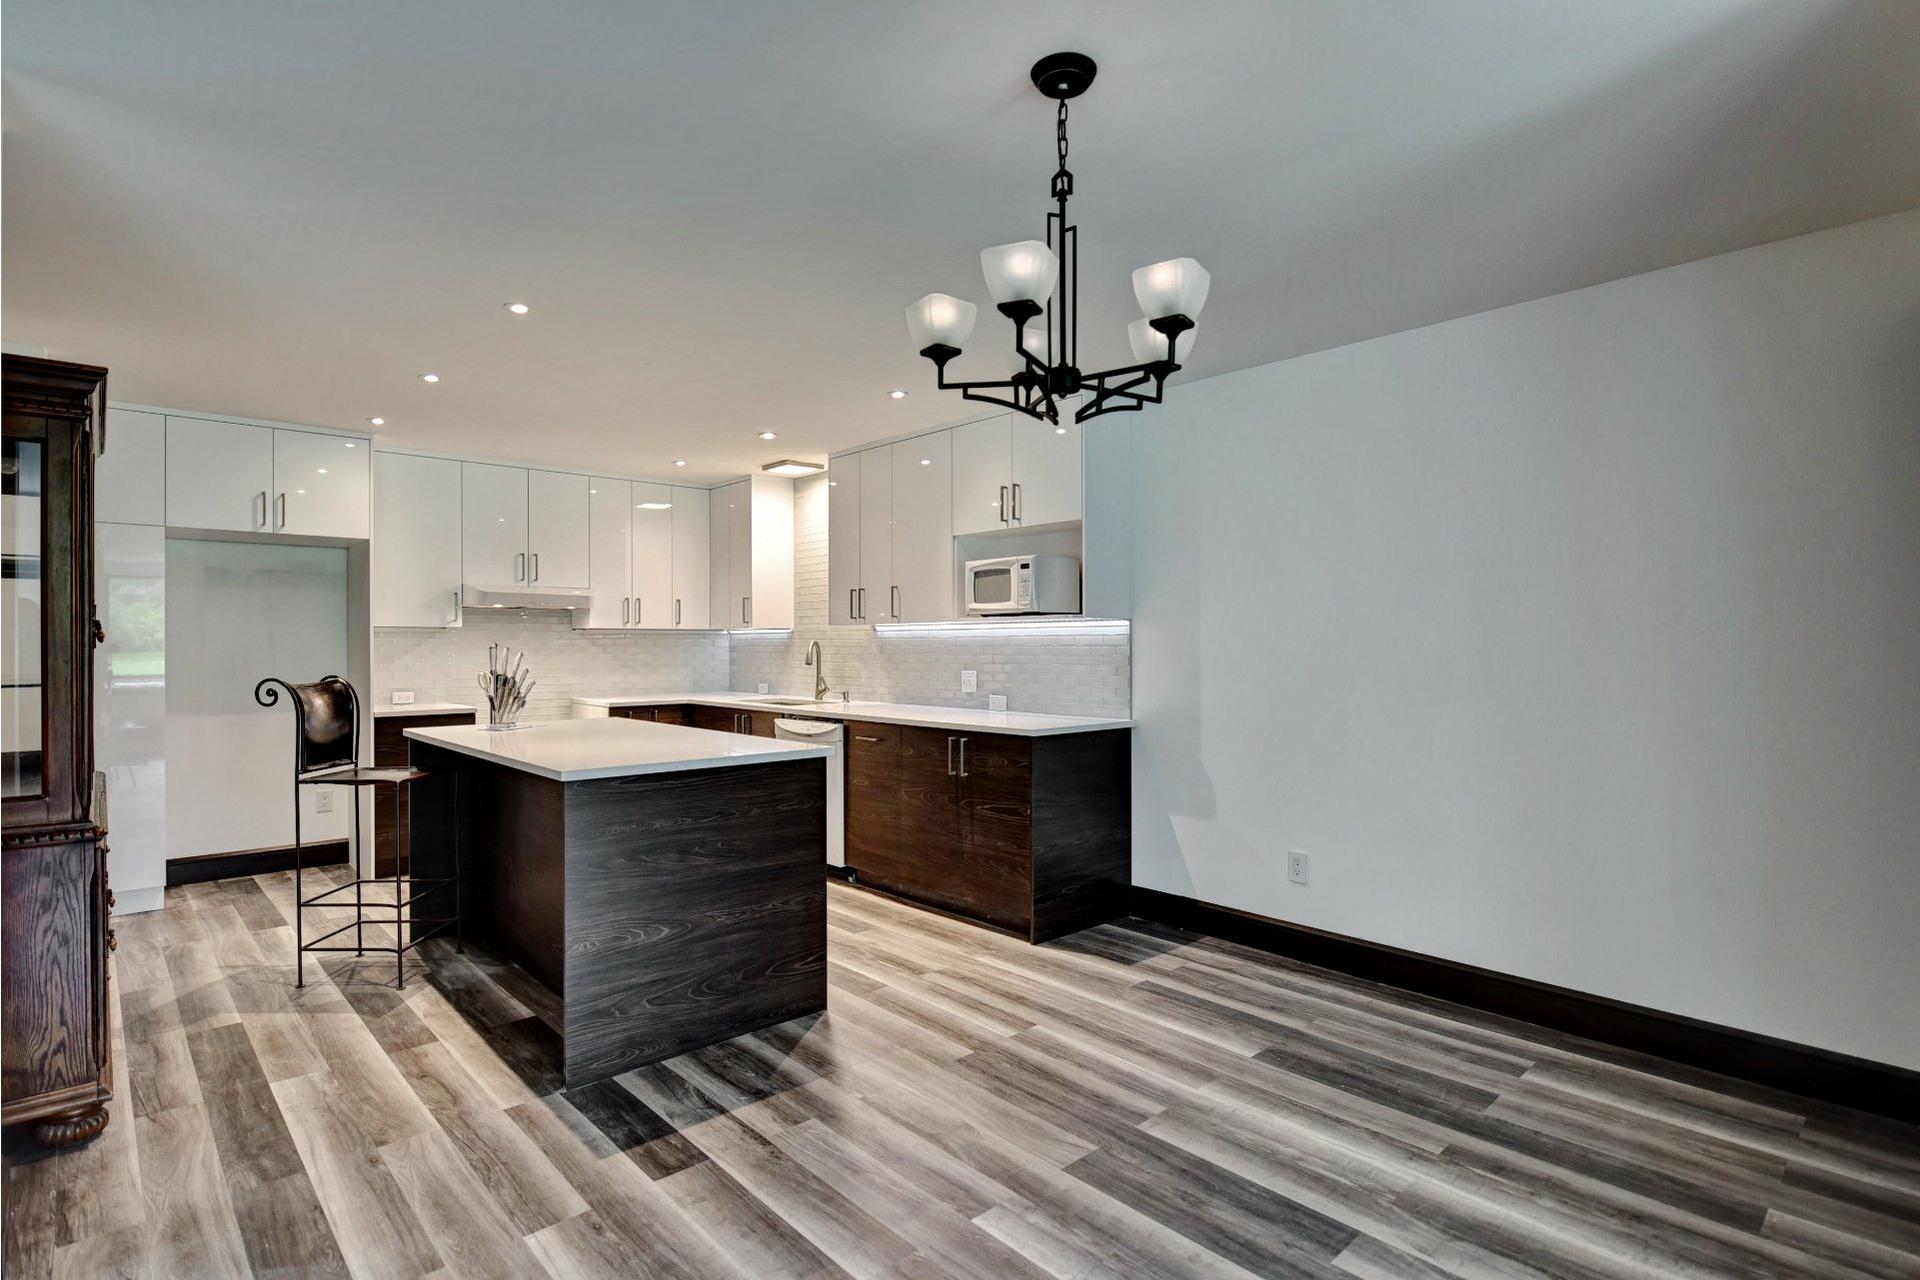 image 9 - Appartement À vendre Montréal Verdun/Île-des-Soeurs  - 8 pièces